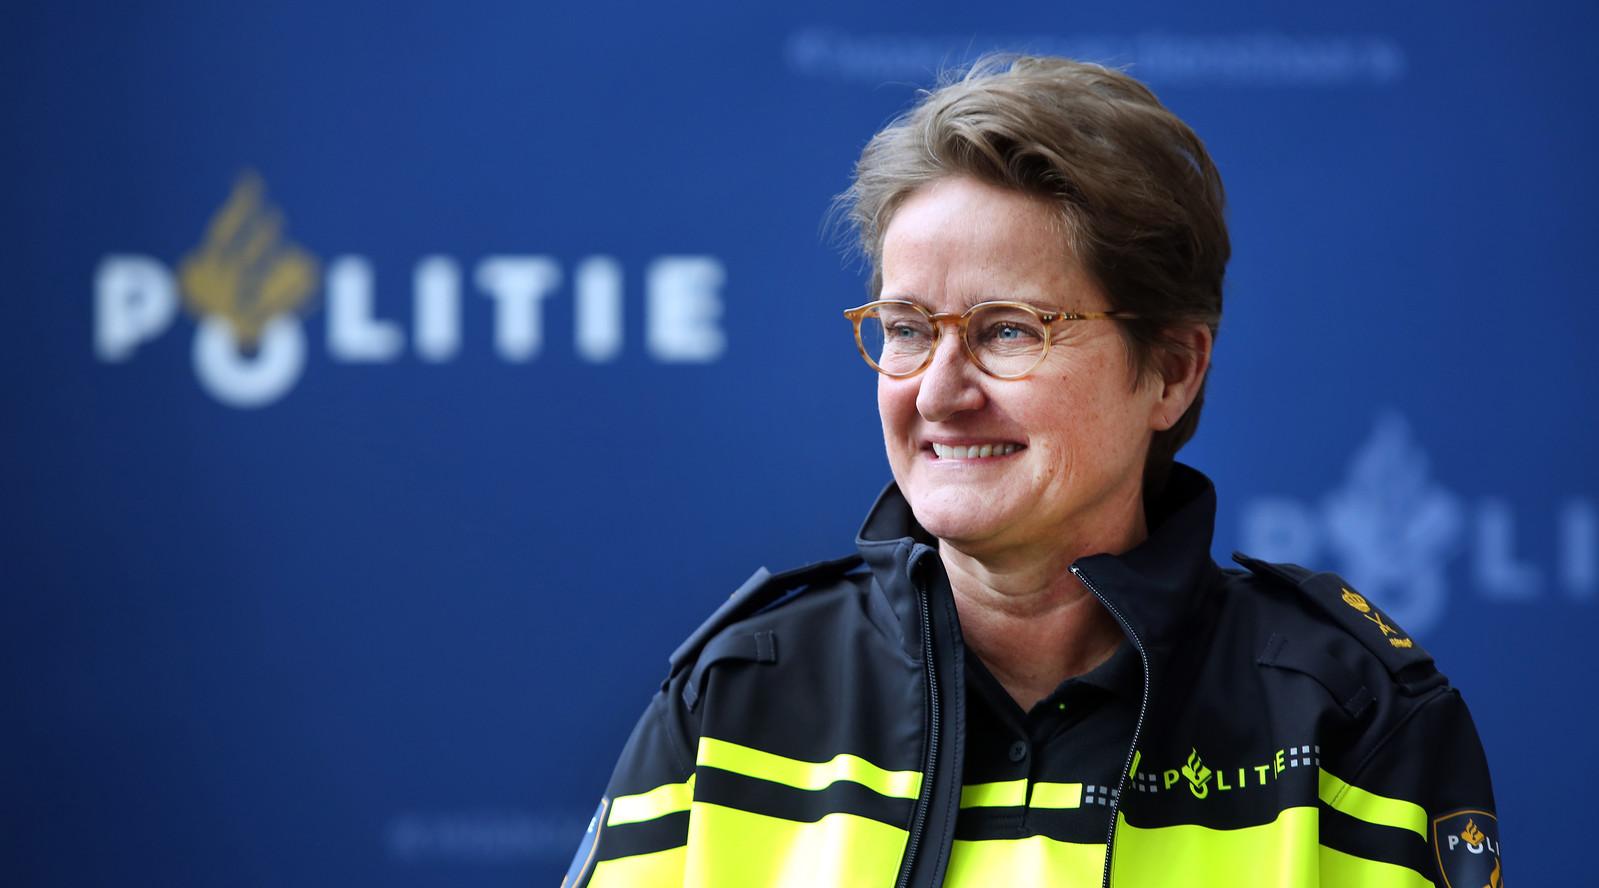 Hanneke Ekelmans, politiechef van de eenheid Zeeland-West-Brabant